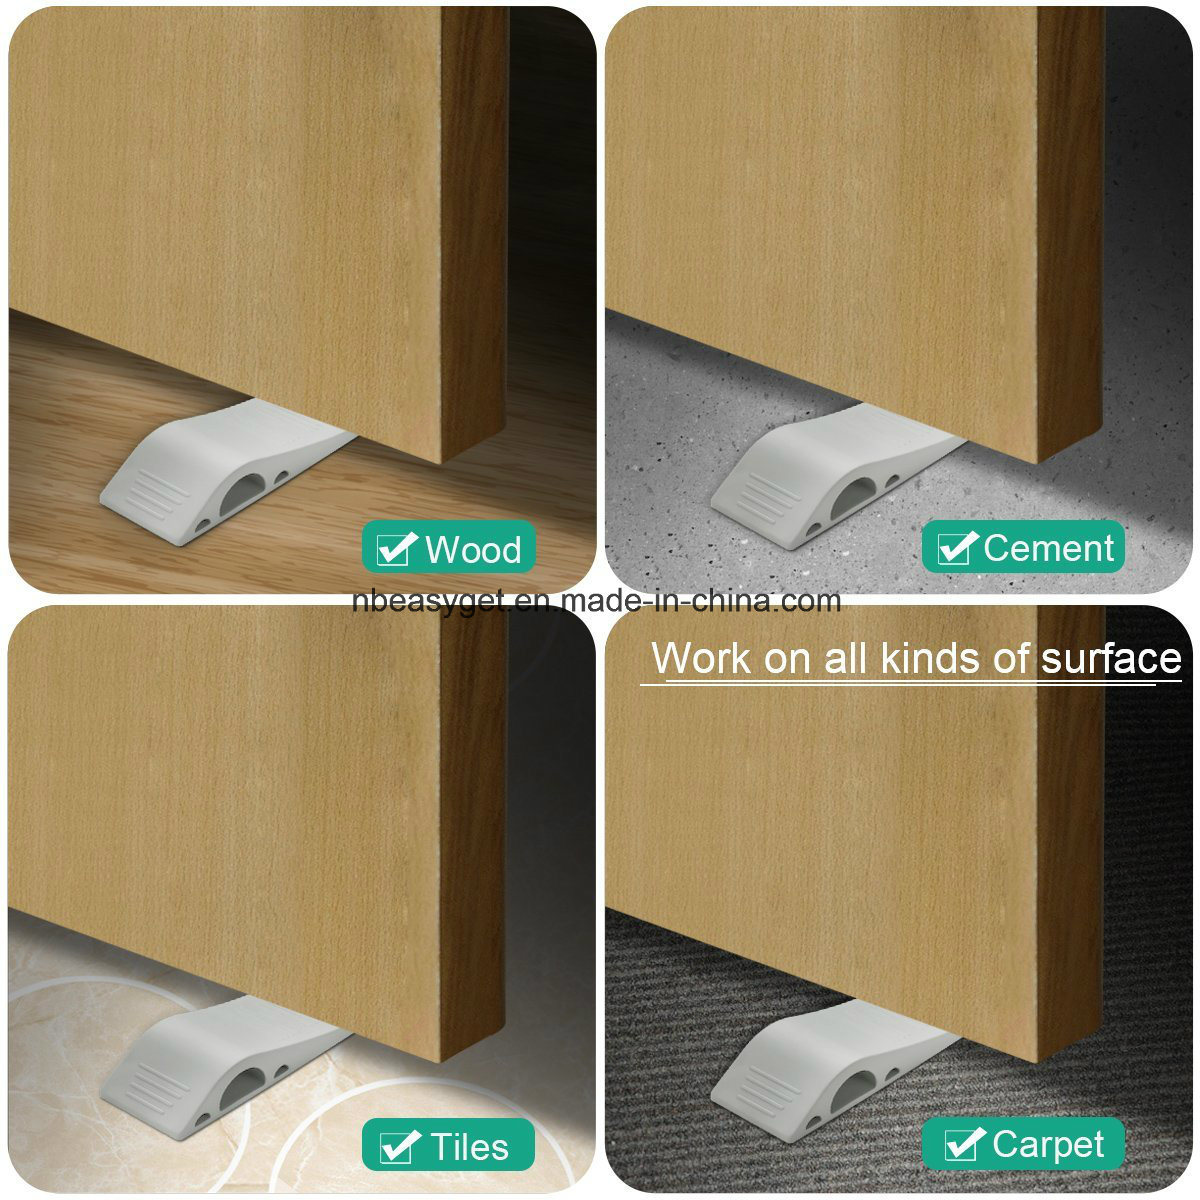 Door Stopper for Children, Door Wedge Rubber, Oria Door Stoppers-Premium Decorative Silicone Rubber Door Stop for Carpet, Cement, Wood and Tiles Floor Esg10162